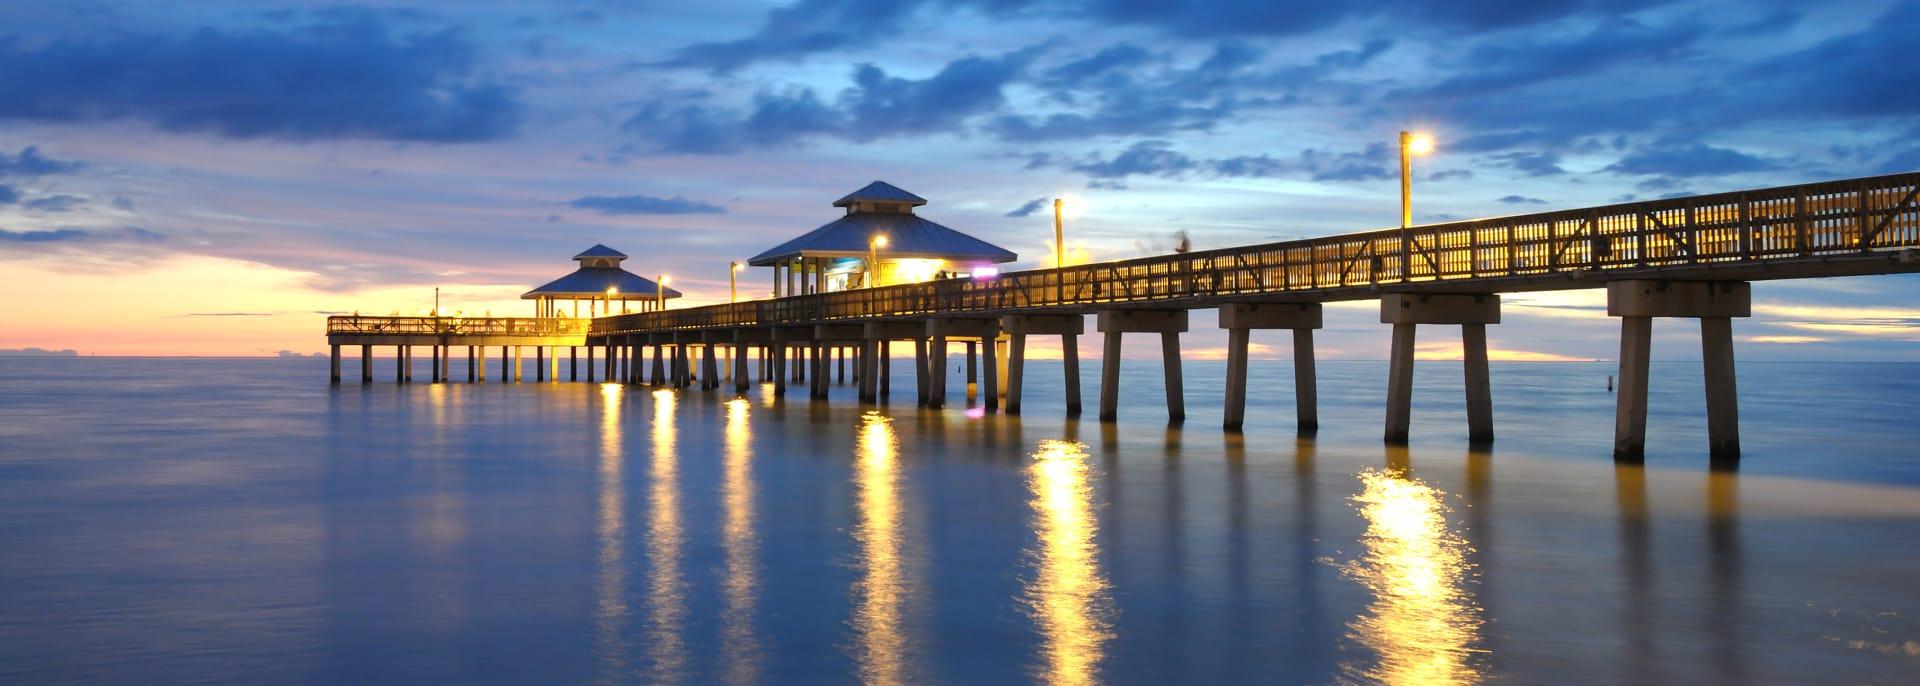 Fort Myers Reisen